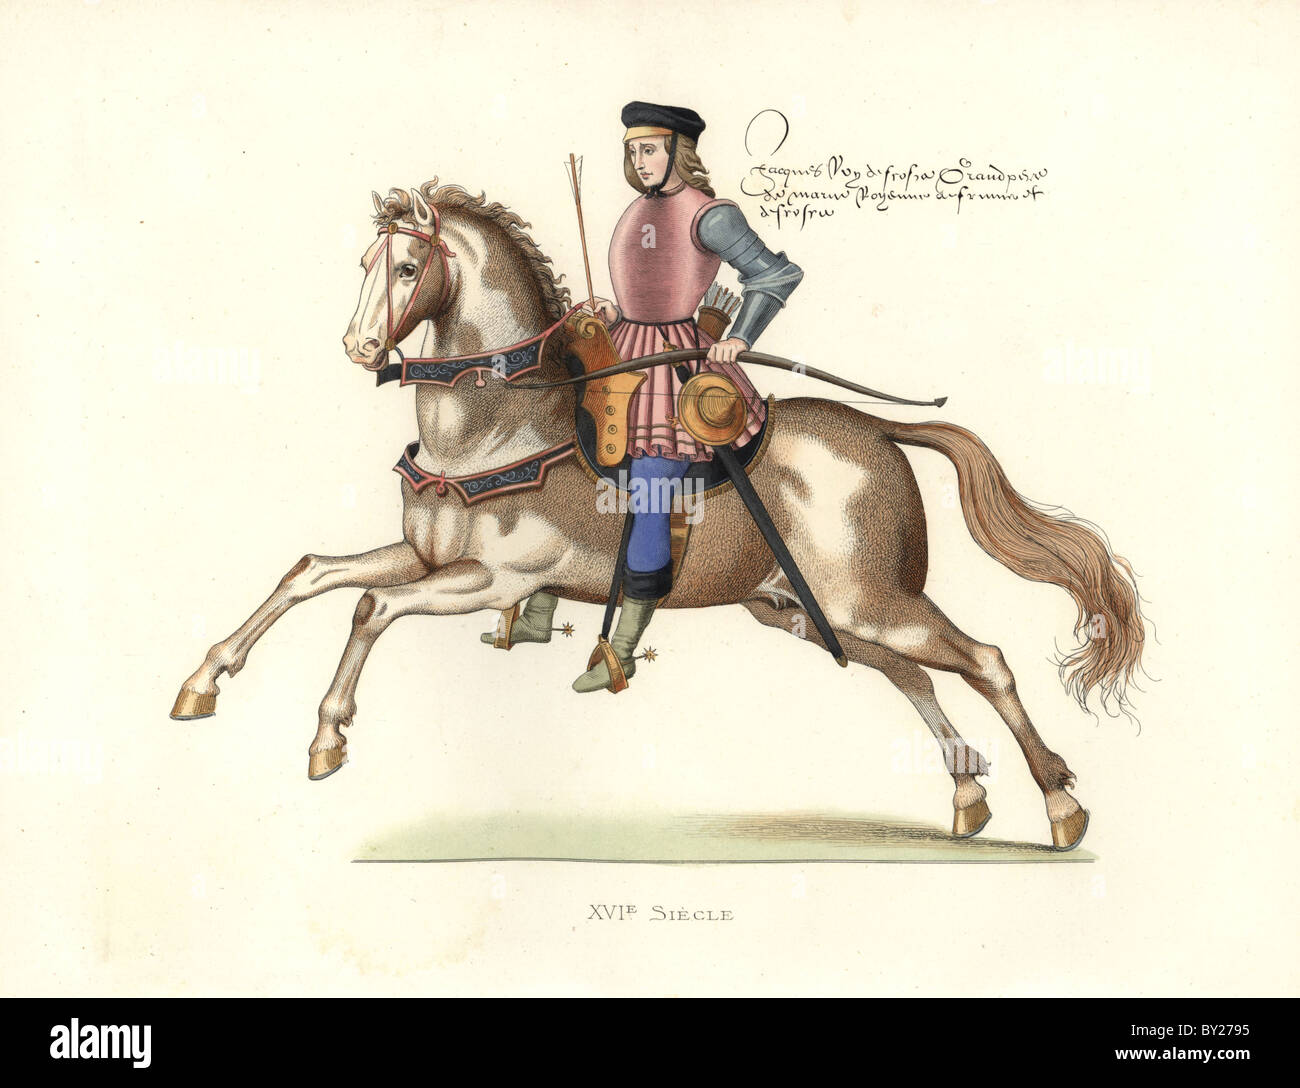 King James IV of Scotland (1473-1513) on horseback - Stock Image